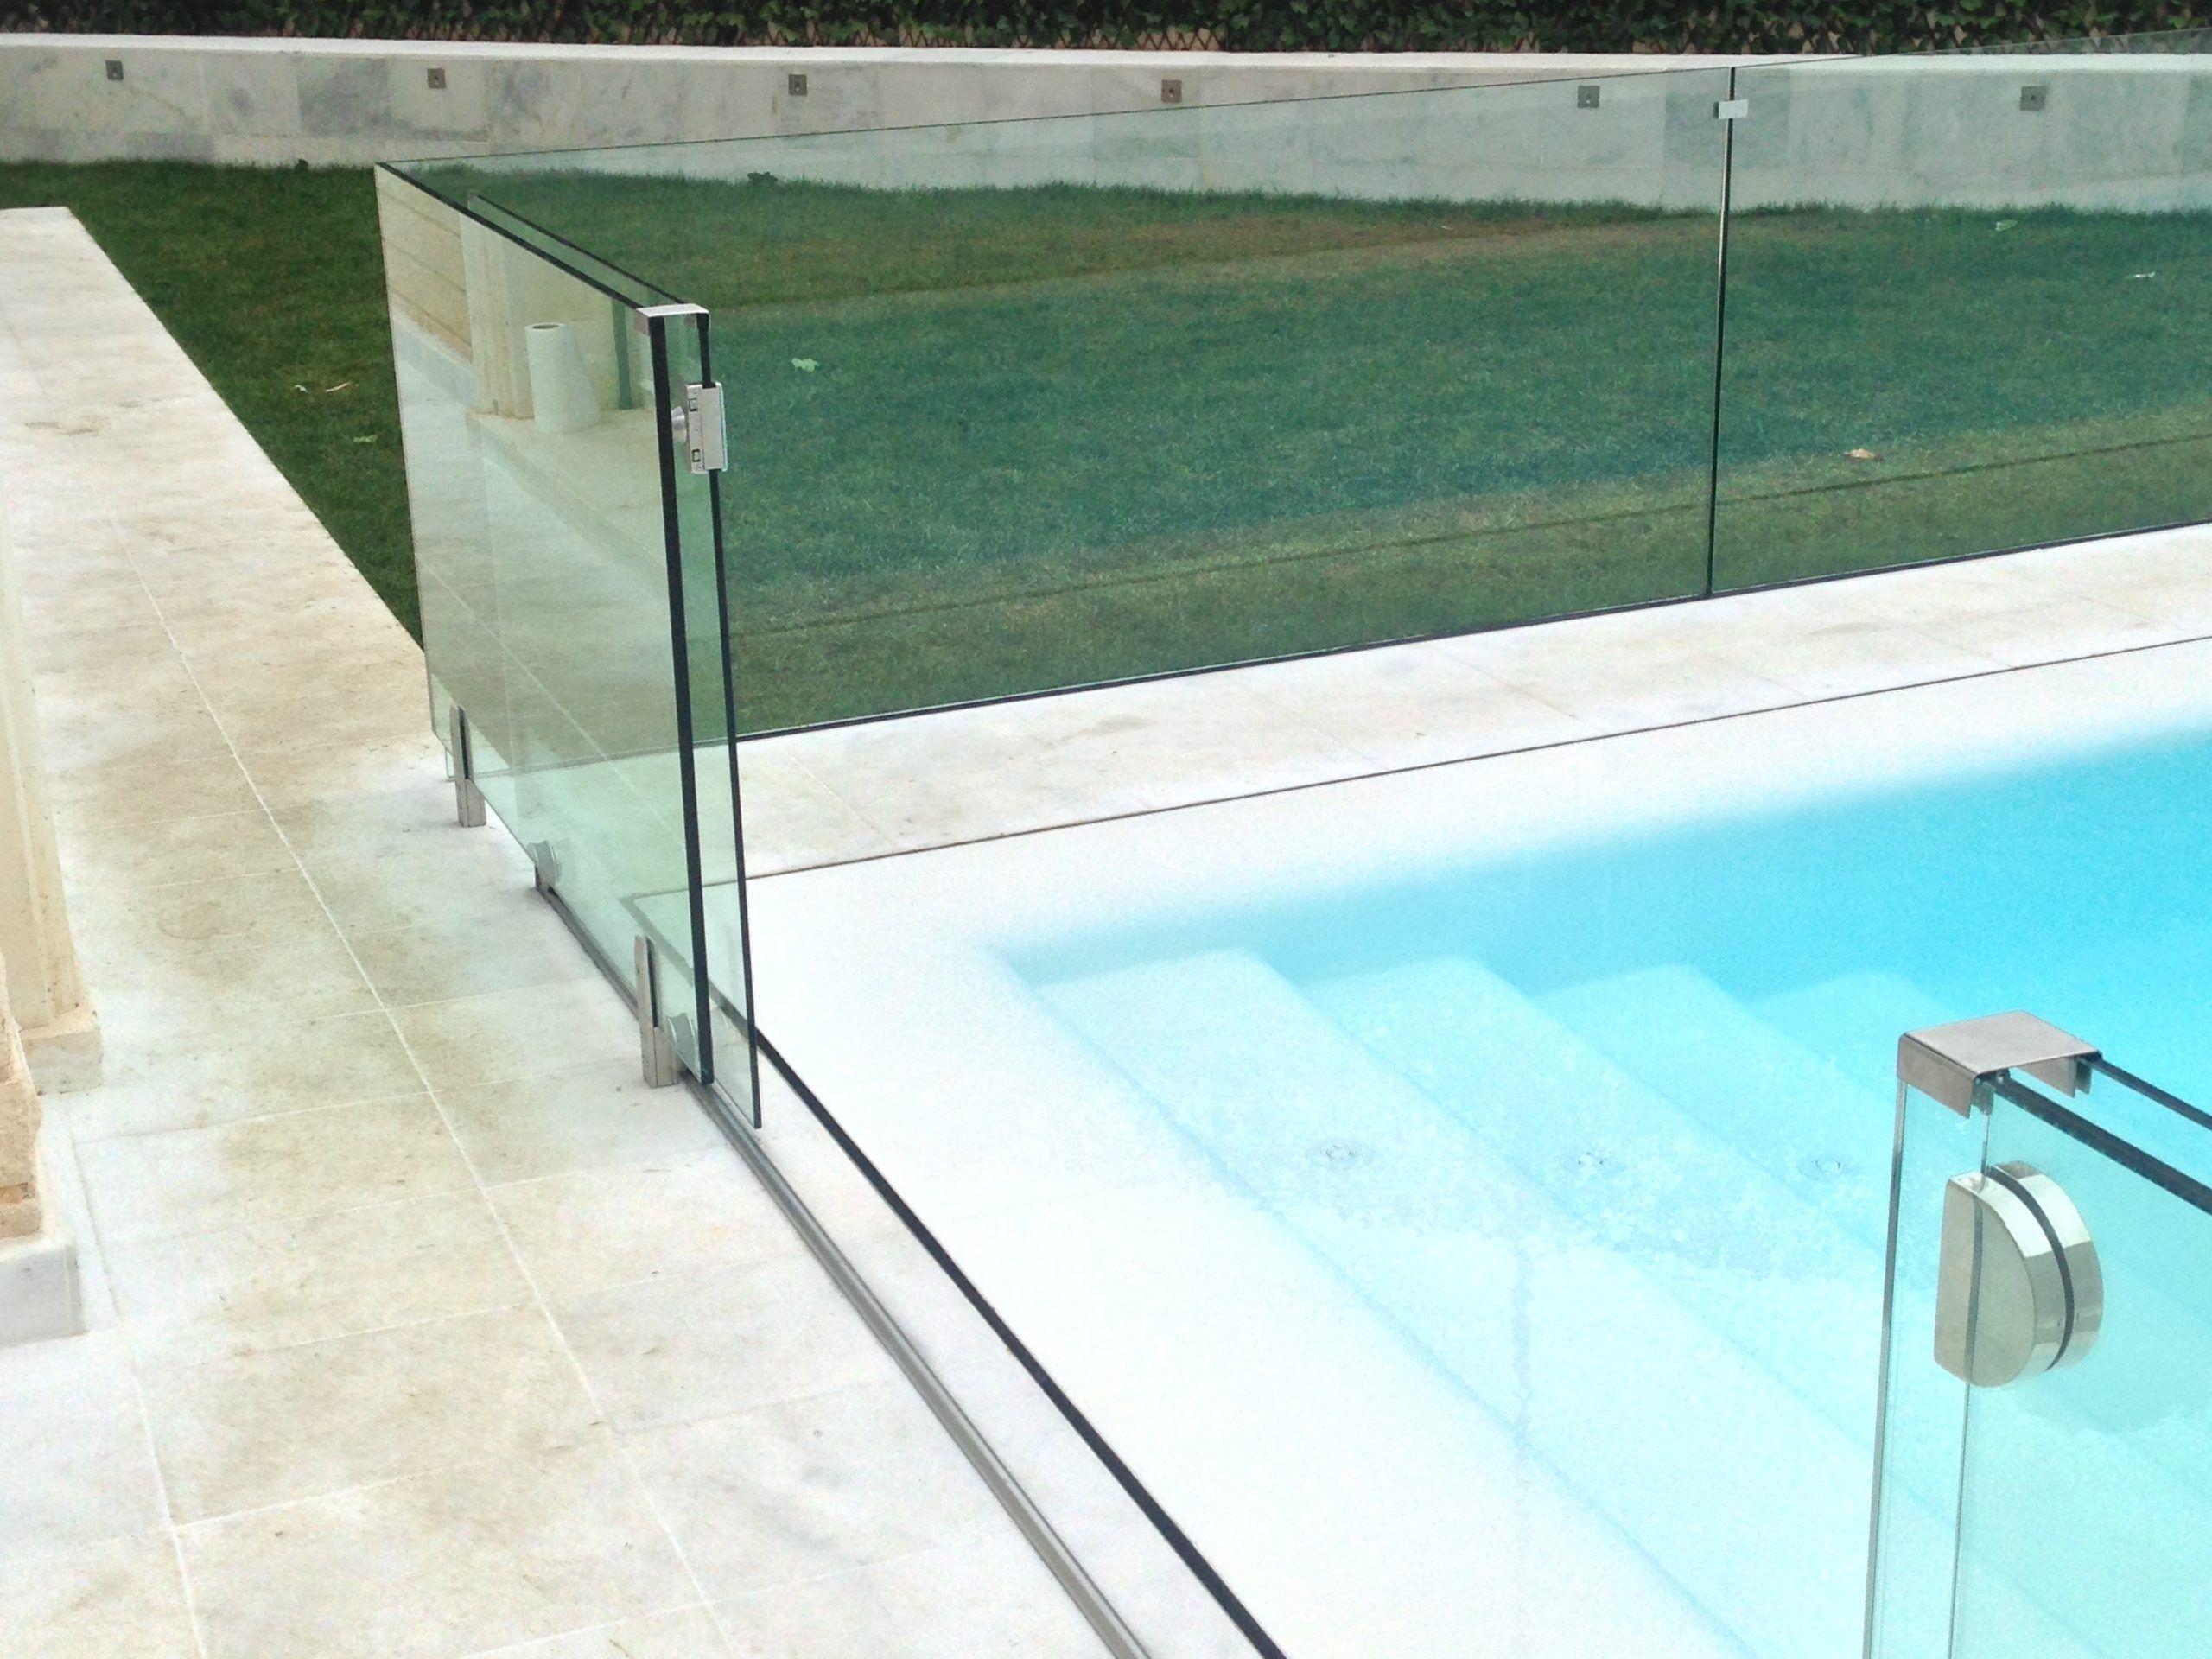 vidrio-float-a-medida-www.cristaleriamarti.com-cristaleria-alicante